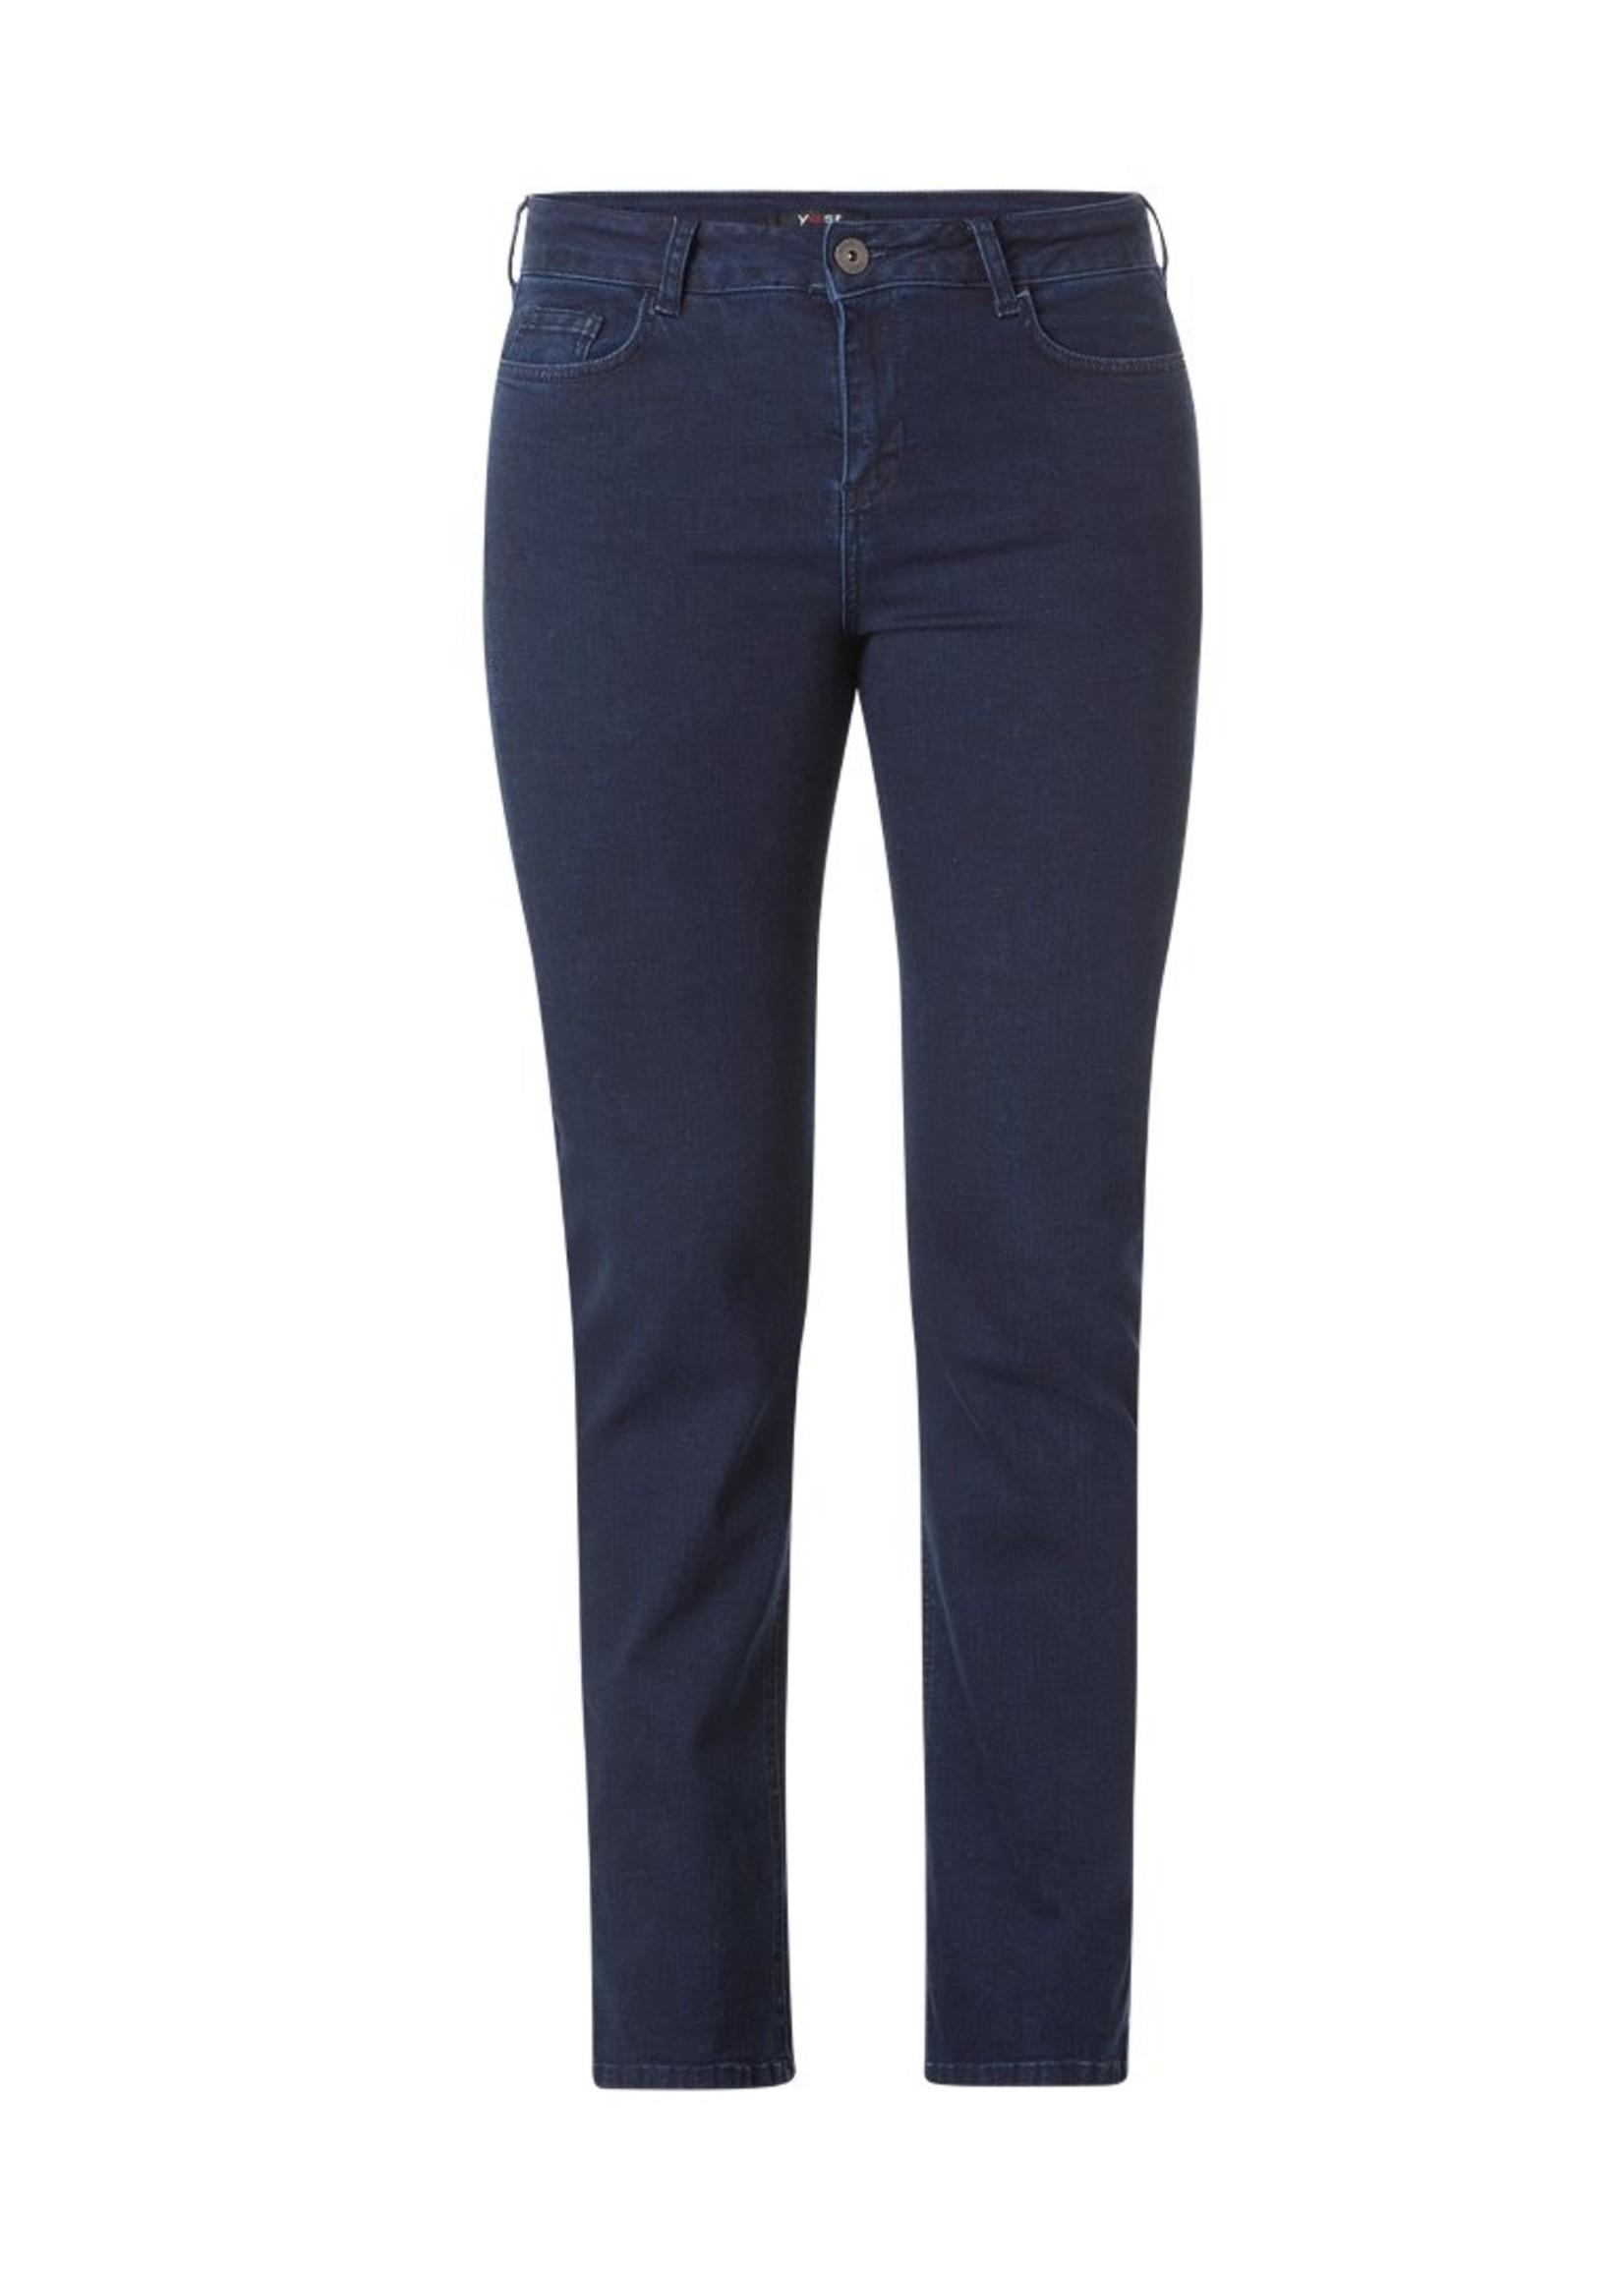 Yesta Yesta Lynna Jeans